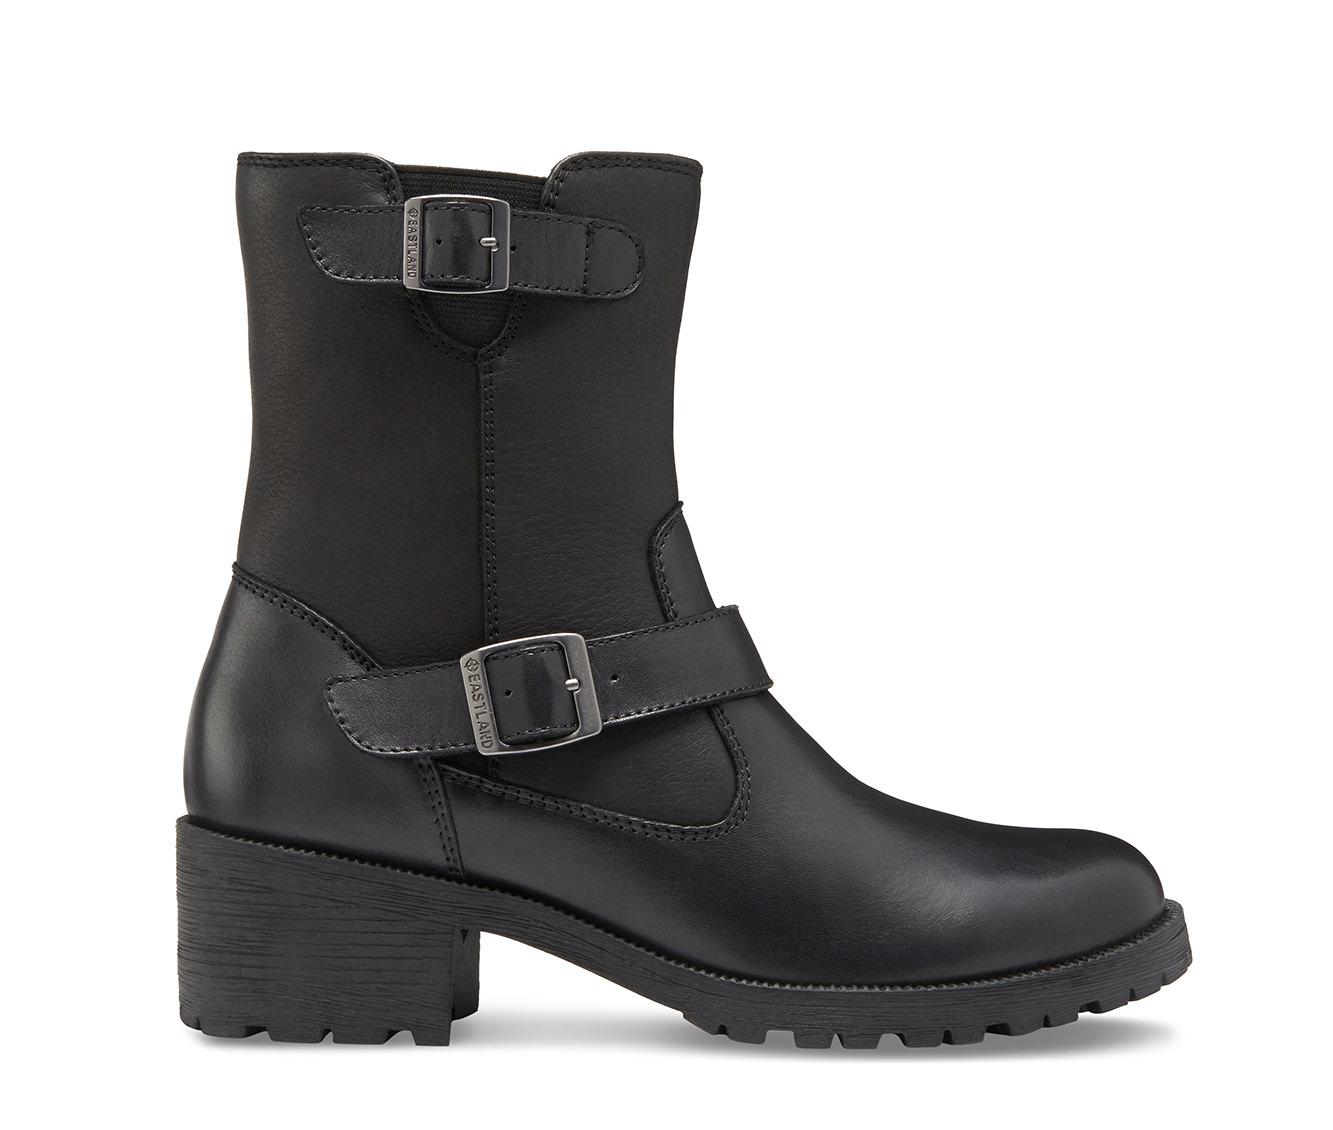 Eastland Belmont Women's Boot (Black Leather)